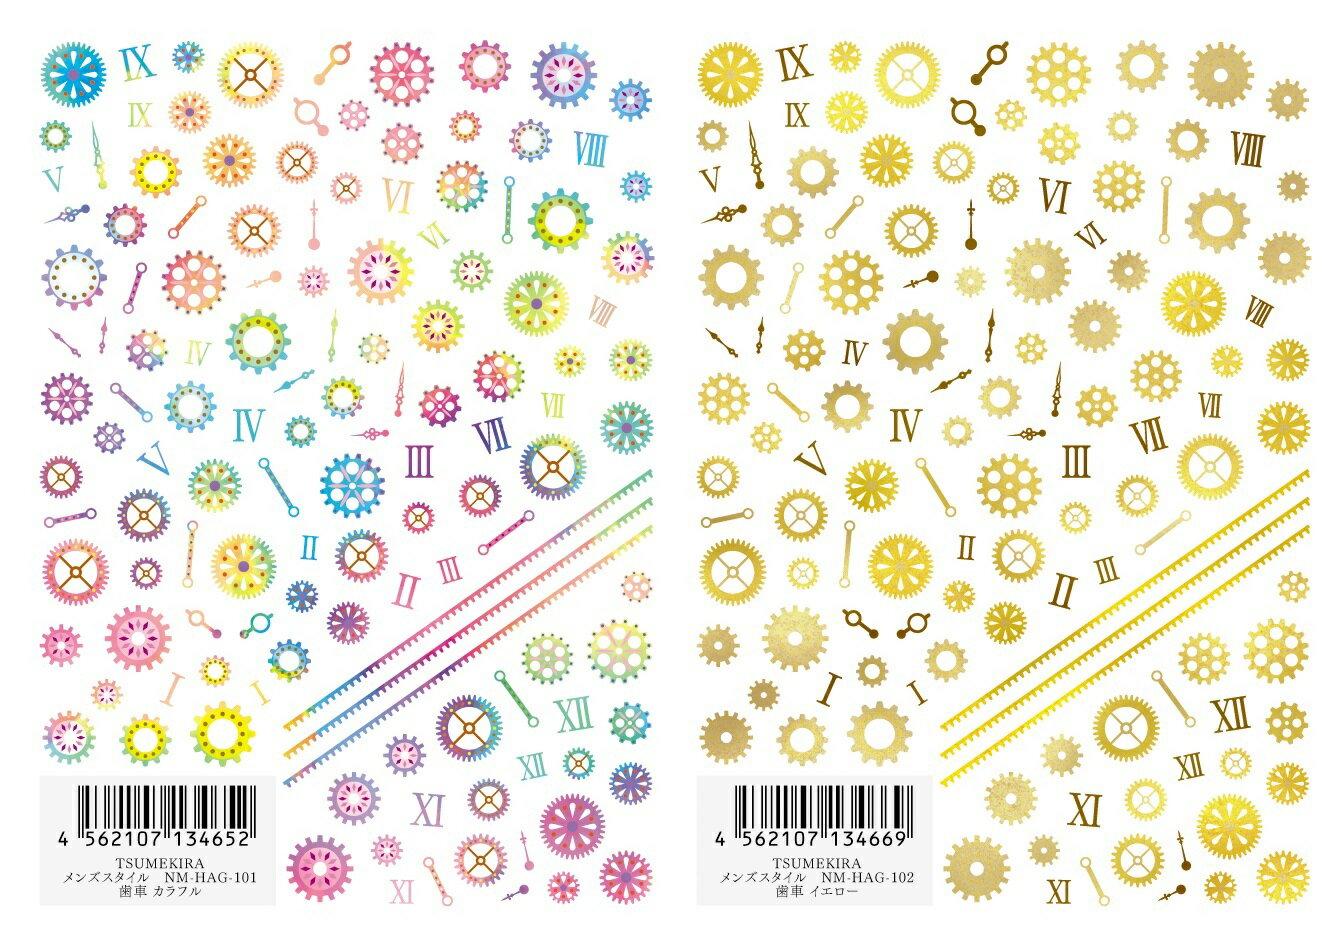 ツメキラ(TSUMEKIRA) ネイルシール【メンズスタイル 歯車】◆歯車と時計のデザインシール♪ネイルアート 時計 針 ローマ数字 アンティーク 文字盤 懐中時計 スチームパンク ギアネイル